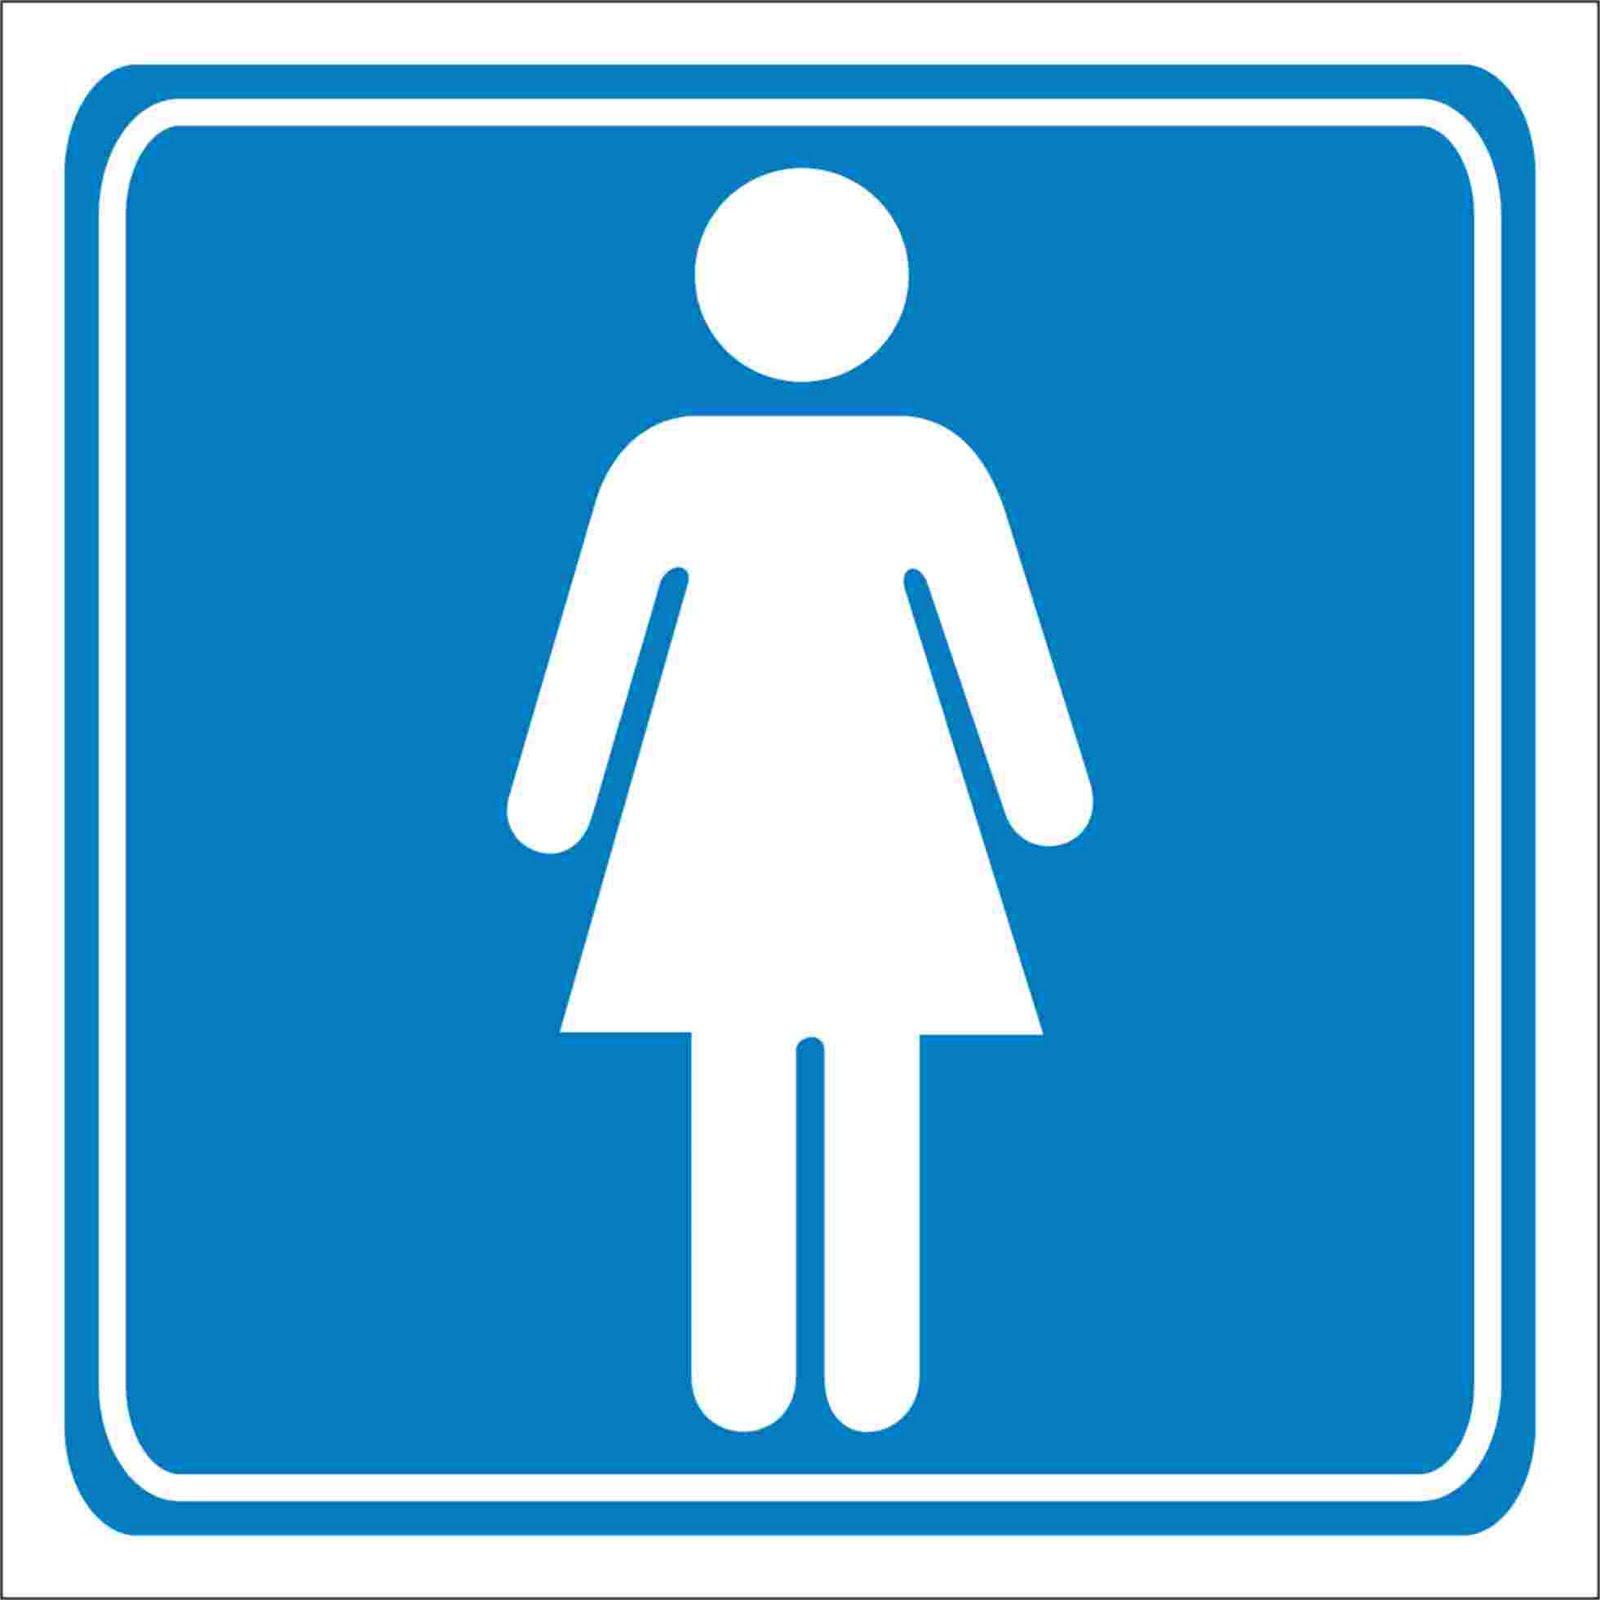 Imagenes De Baño De Damas:de los misterios mas grandes de la humanidad involucra a las mujeres